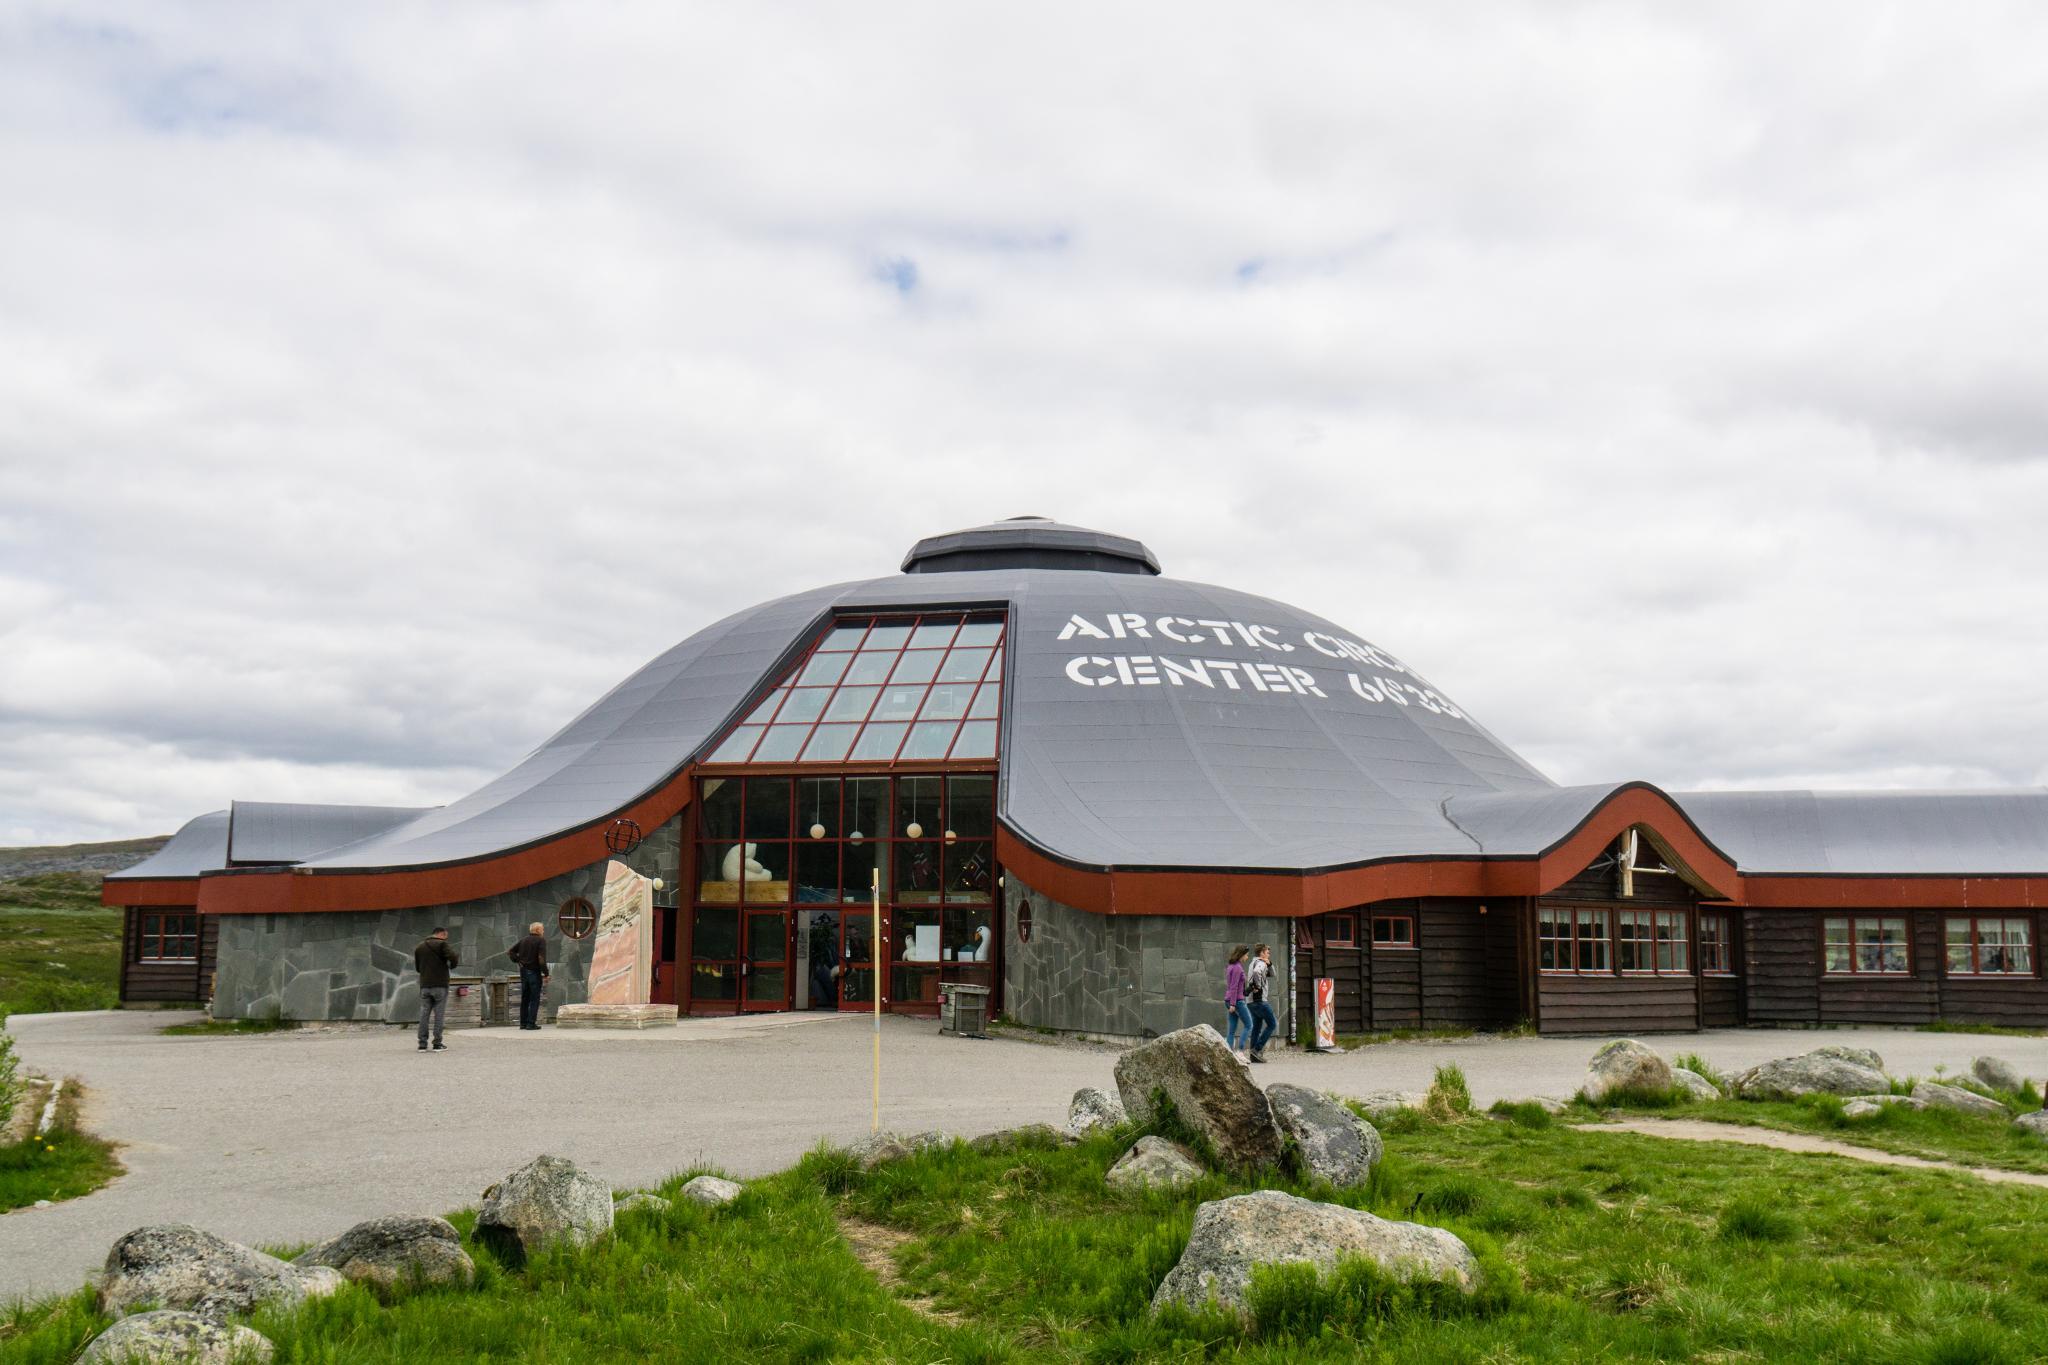 【北歐景點】通往極圈的重要門戶 - 挪威北極圈中心 The Arctic Circle Centre 2